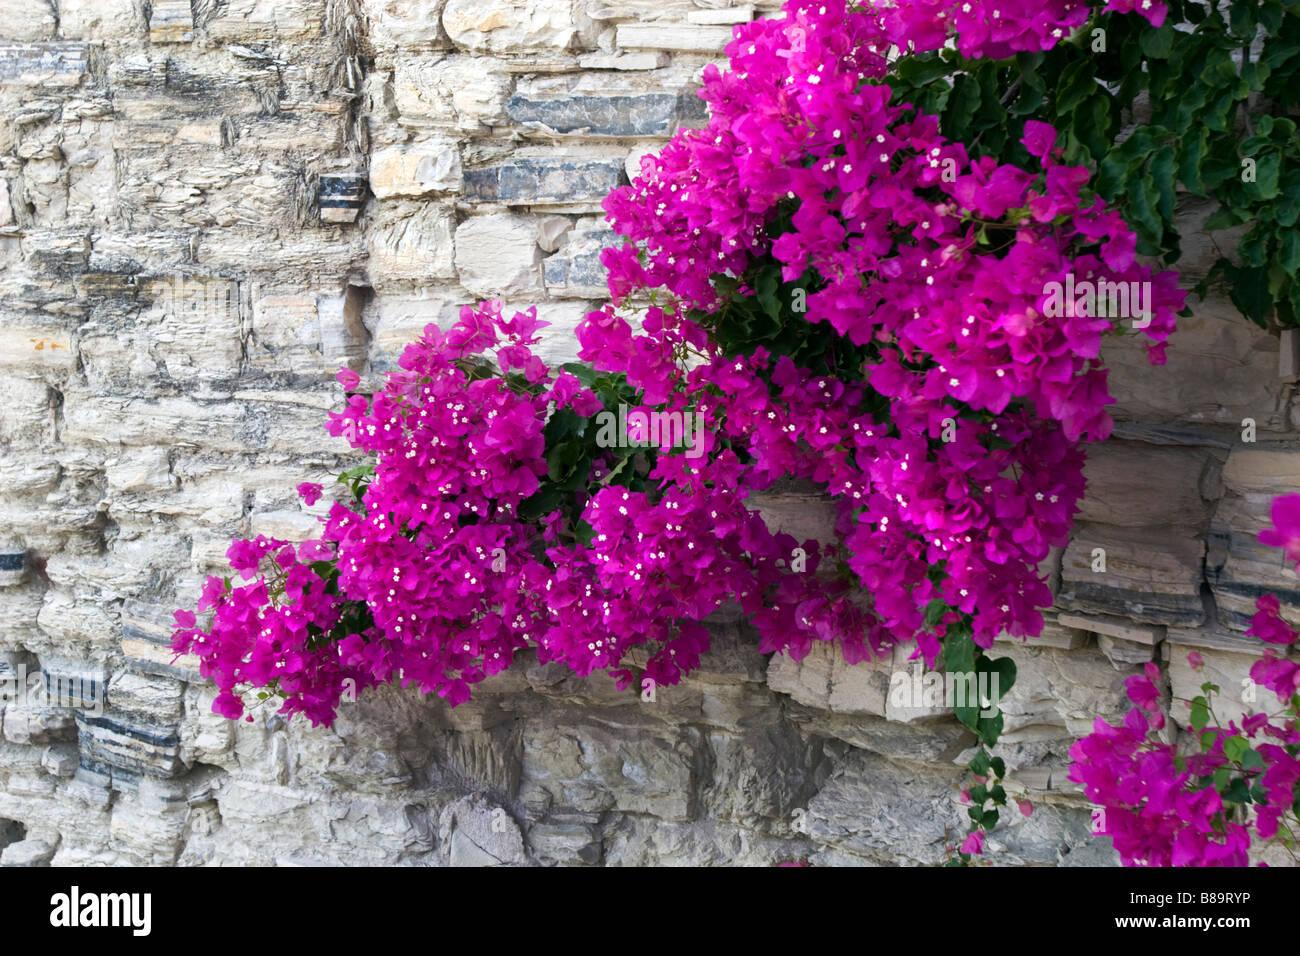 In piastrelle di pietra parete ricoperta con fiore fiori magenta